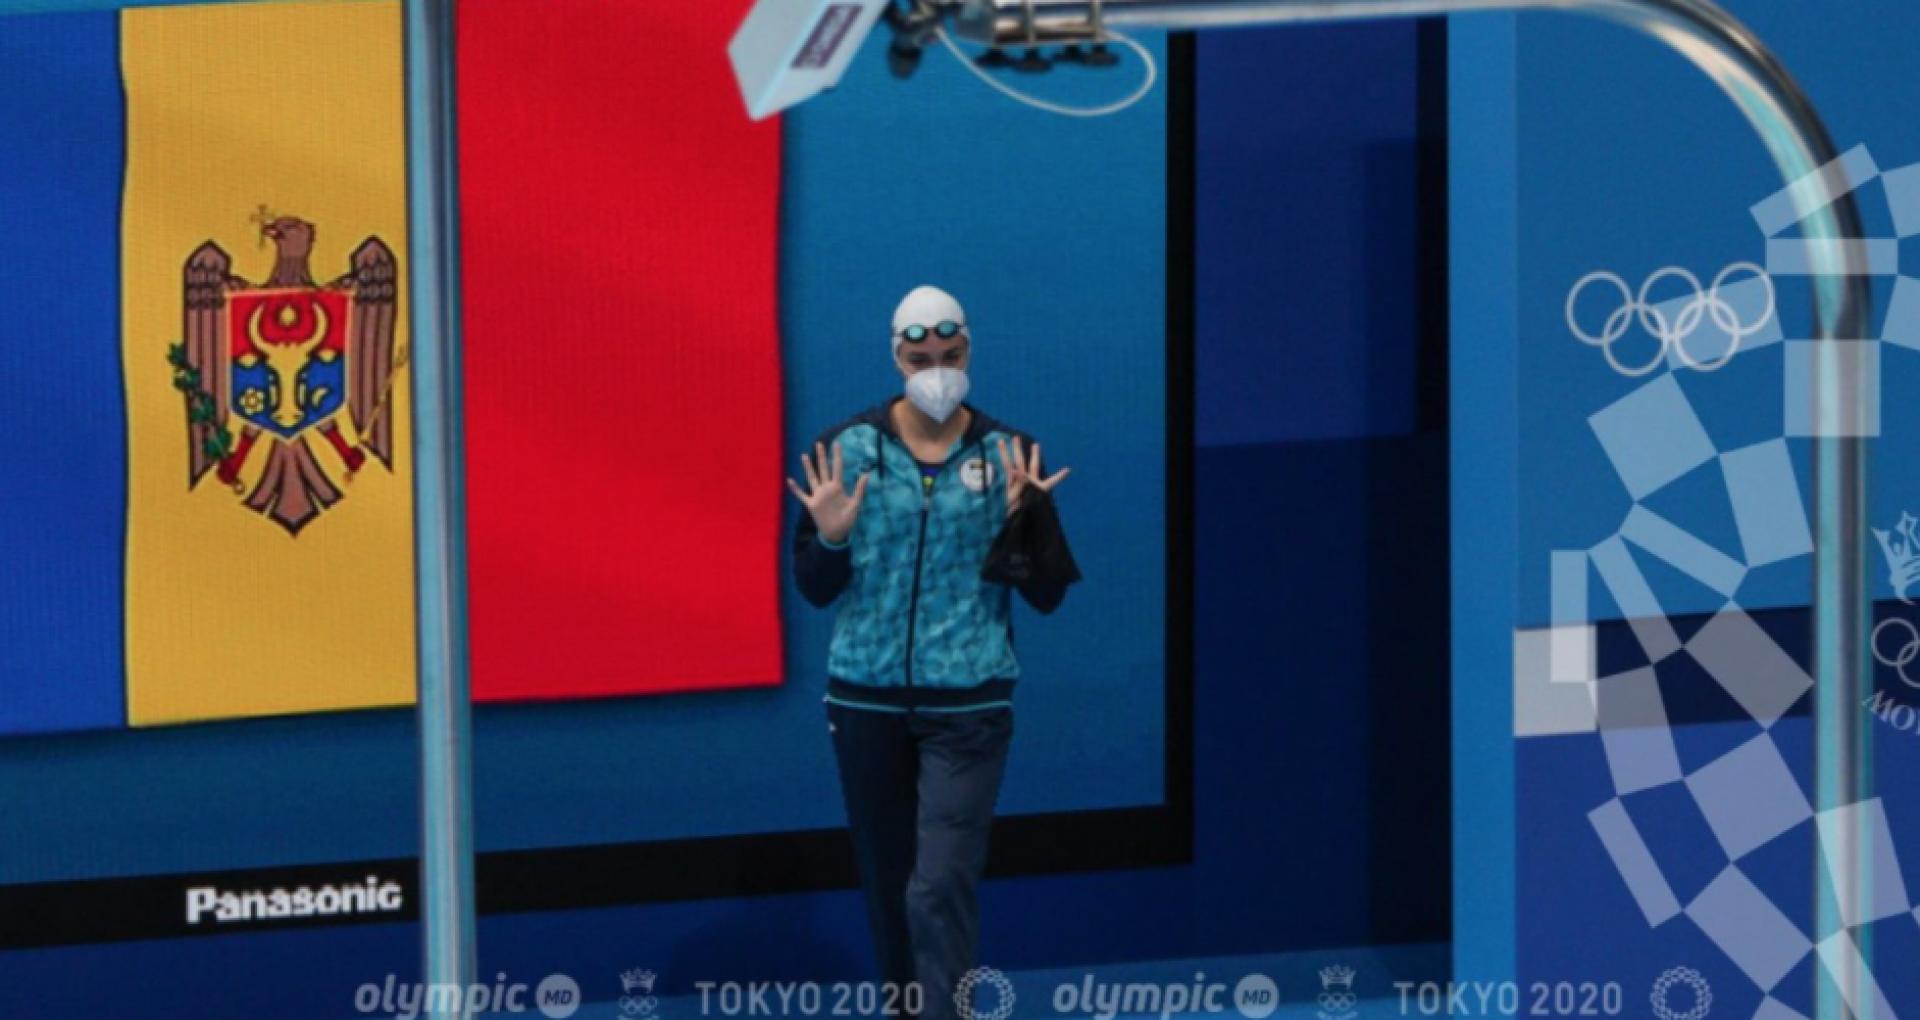 FOTO/  Pentru prima data în ultimii 25 de ani, o înotătoare din R. Moldova a evoluat în semifinale la Jocurile Olimpice. Tatiana Salcuțan a bătut recordul R. Moldova la înot